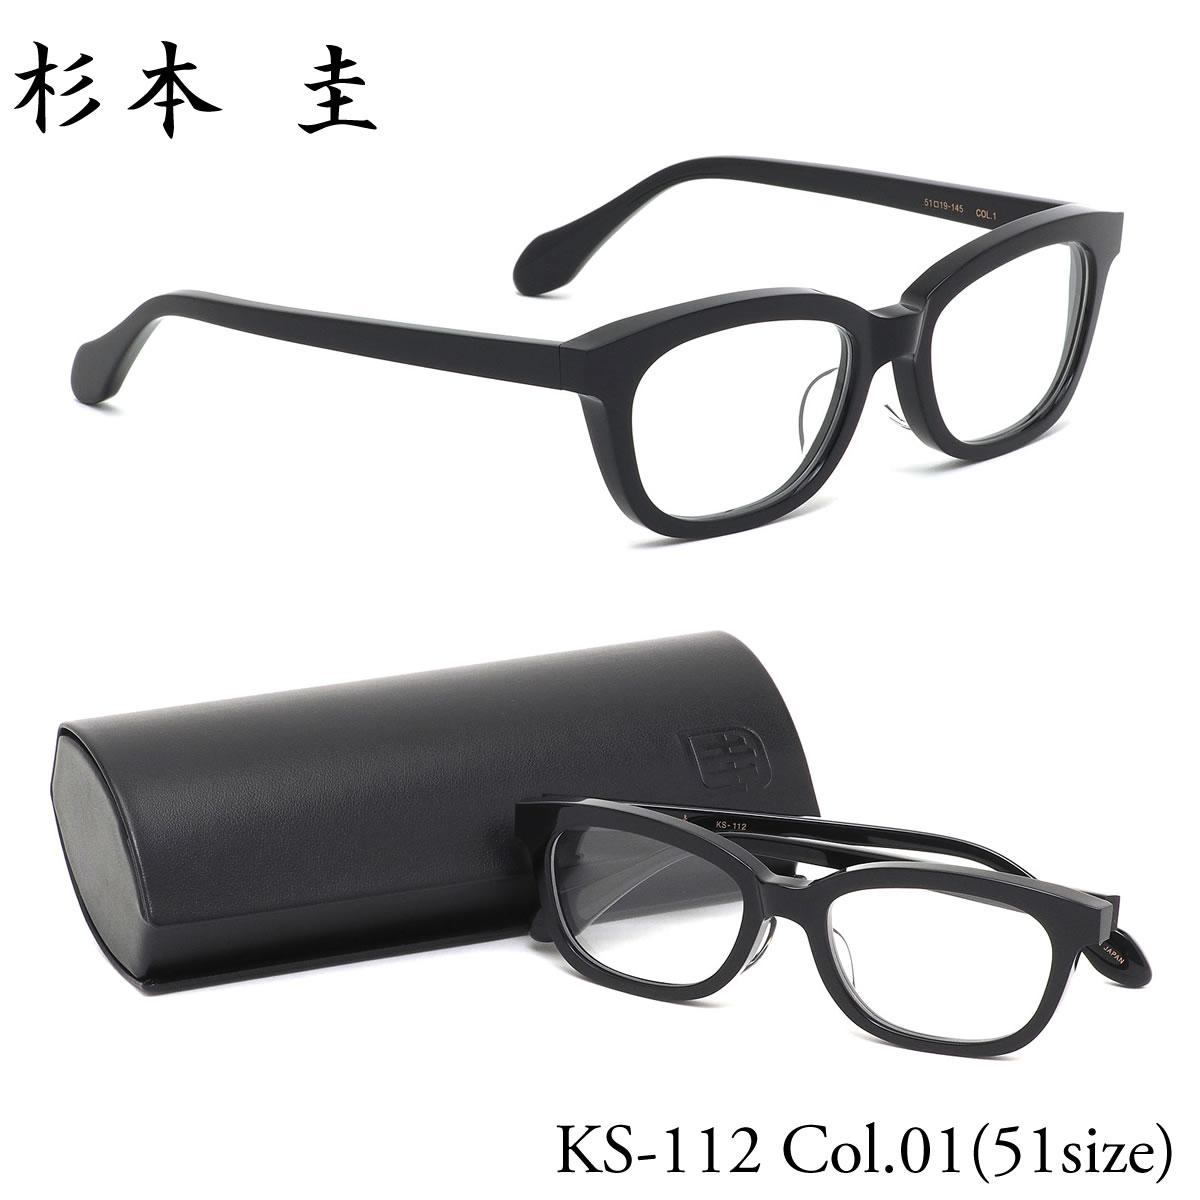 杉本圭 スギモトケイ メガネ KS-112 01 51サイズ SUGIMOTO KEI ウェリントン 日本製 MADE IN JAPAN 職人技 メンズ レディース